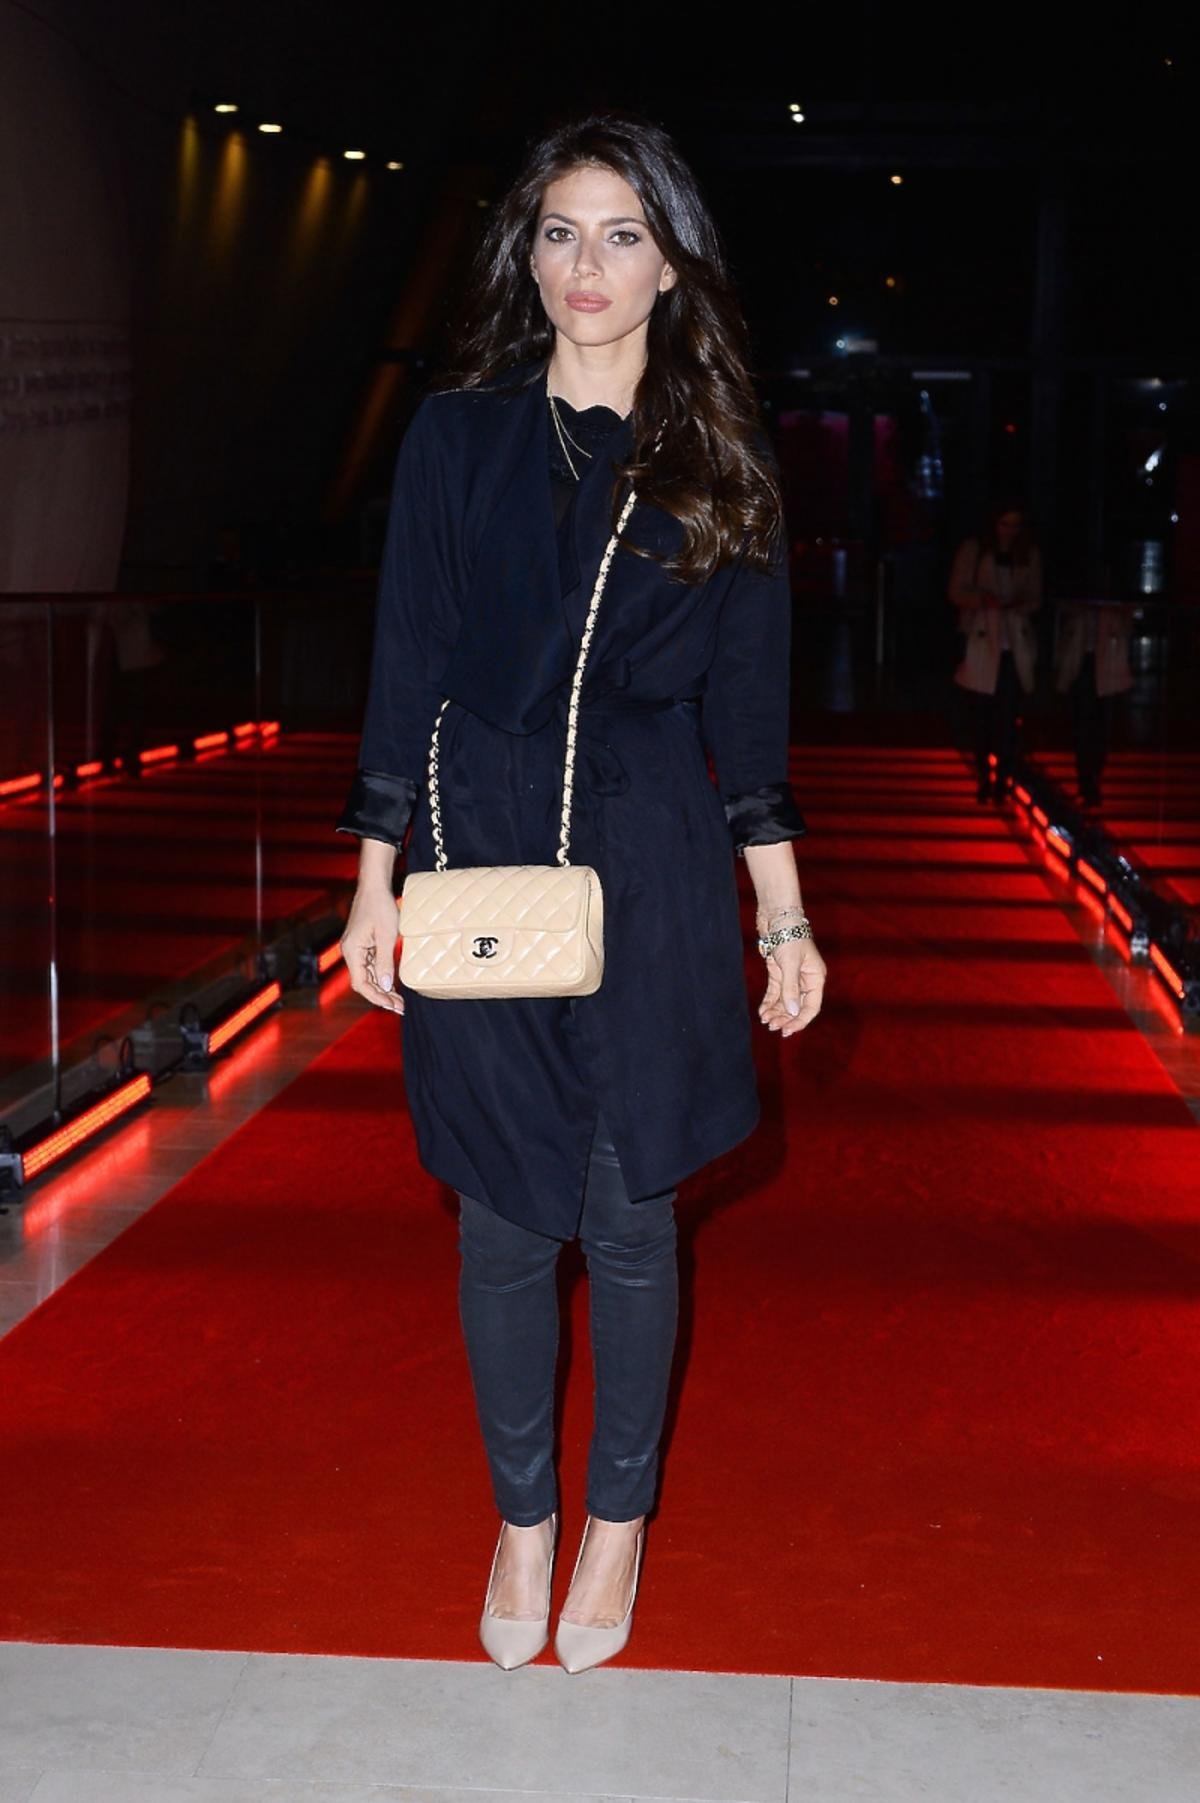 Weronika Rosati z torebką Chanel